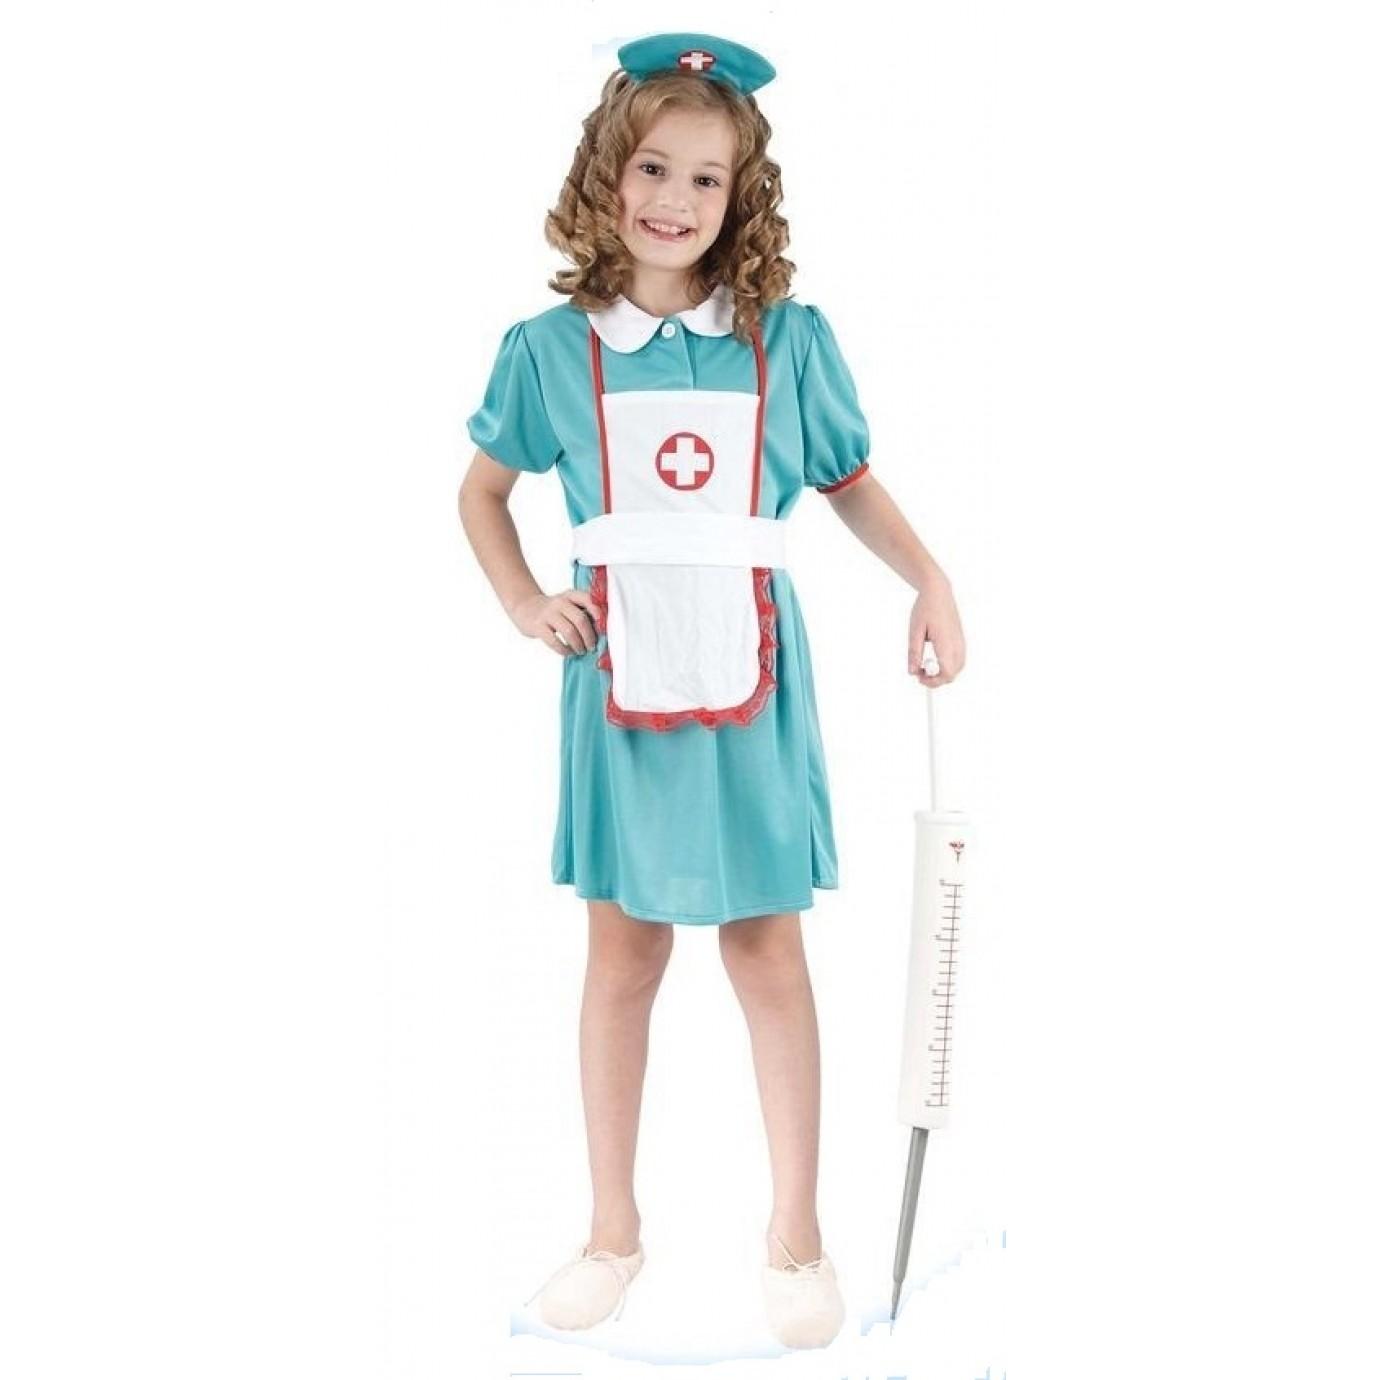 Consider, Young teen girl nurse